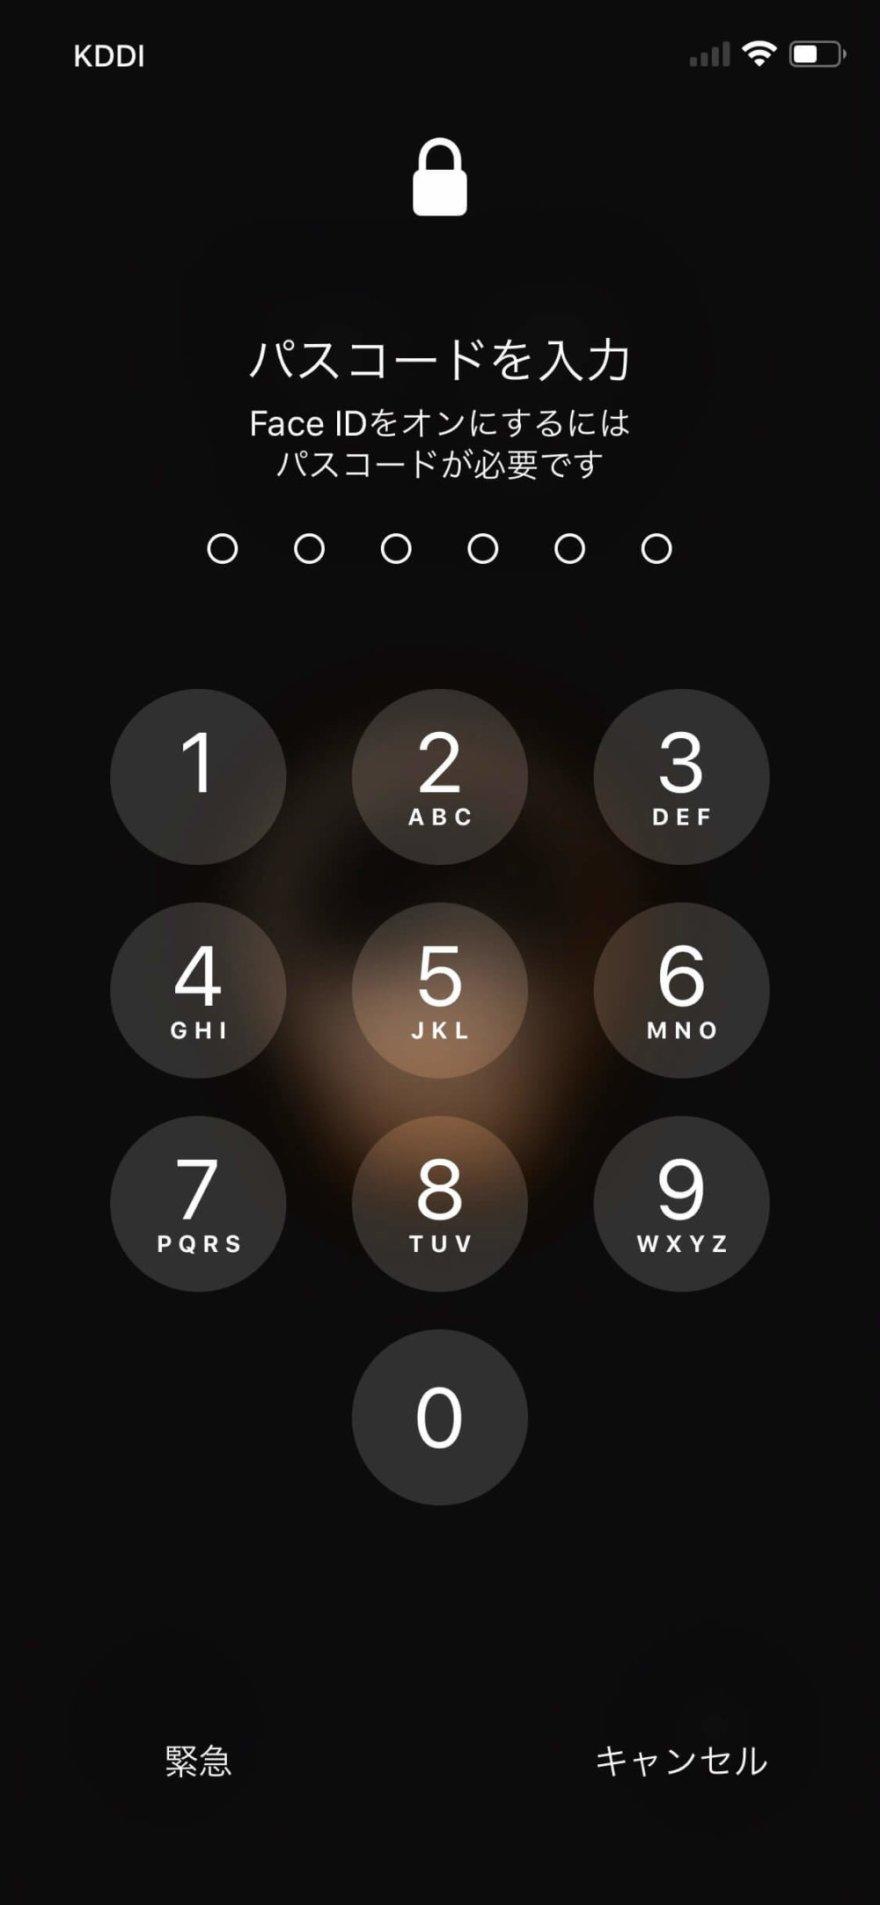 iPhone XSは顔認証のFace IDを搭載